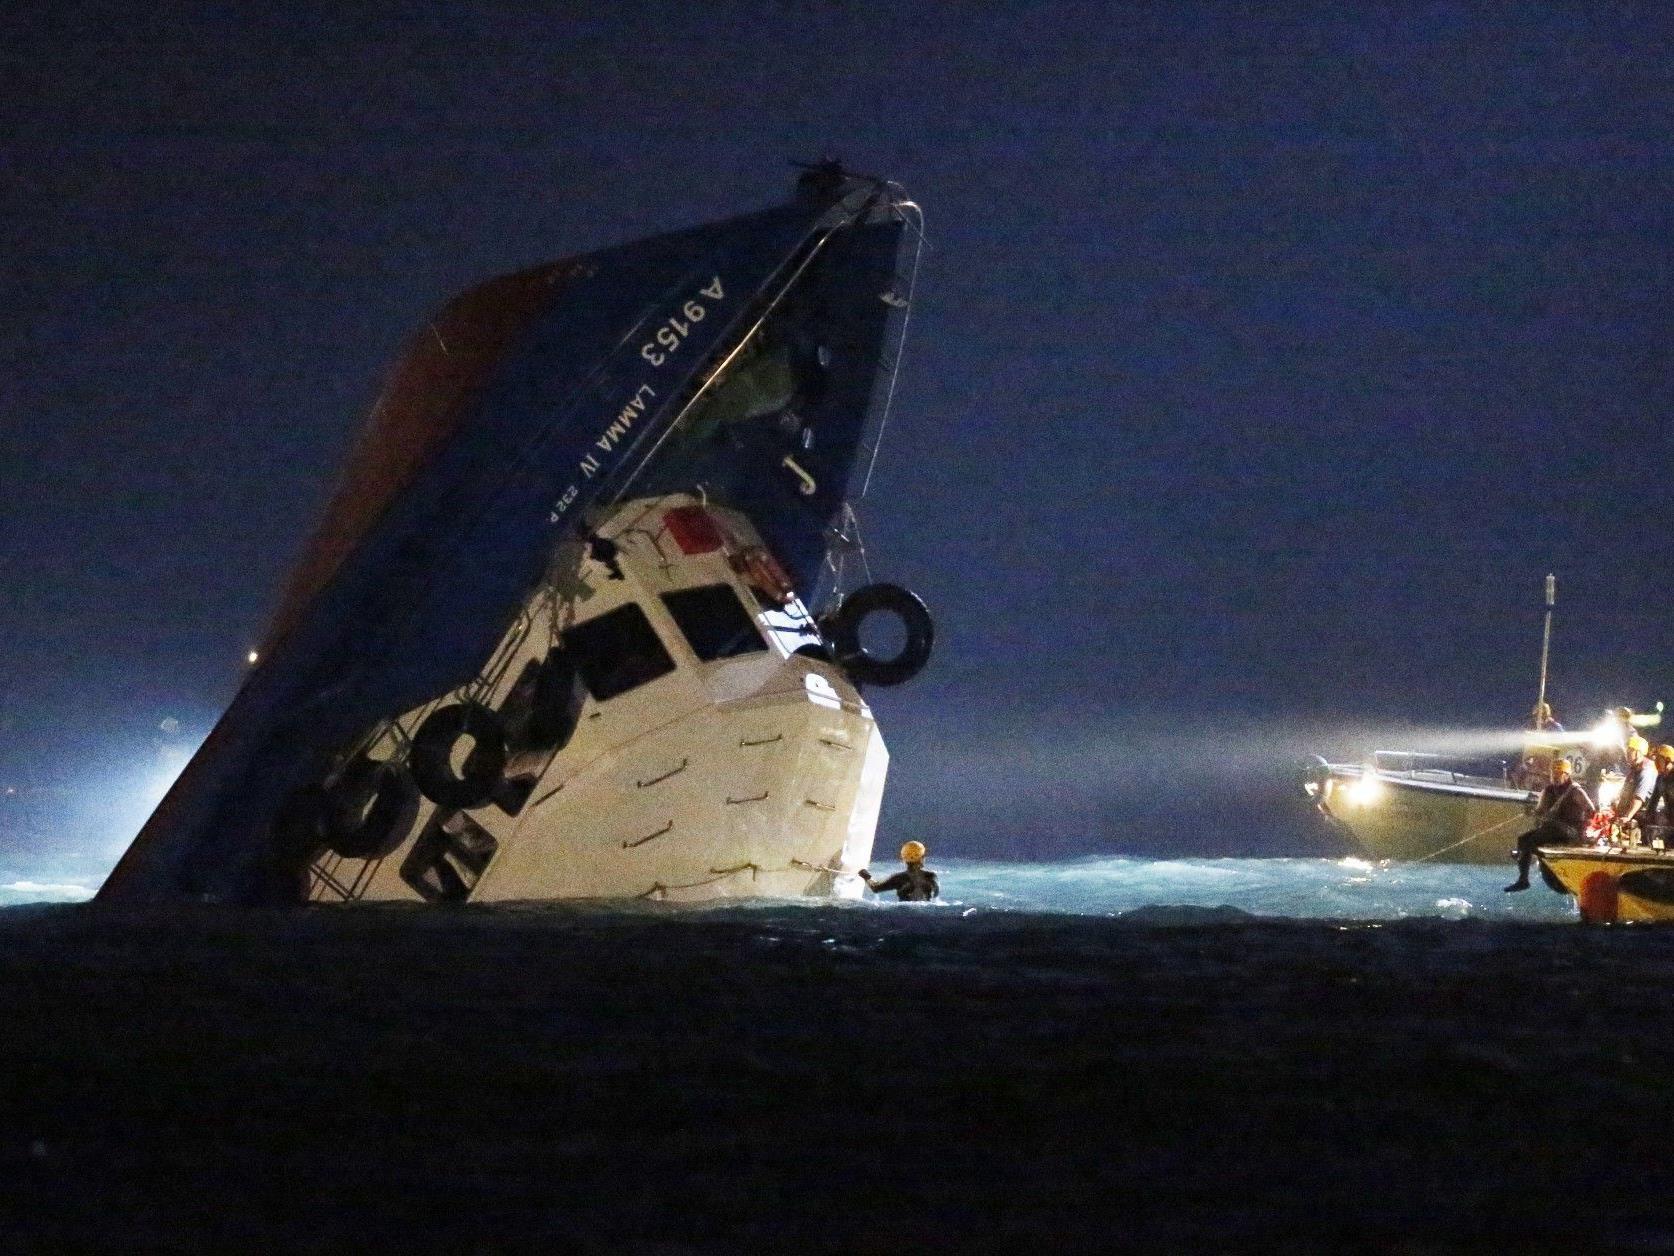 Schiff kollidiert mit Fähre: Zahlreiche Tote, neun Menschen in kritischem Zustand.